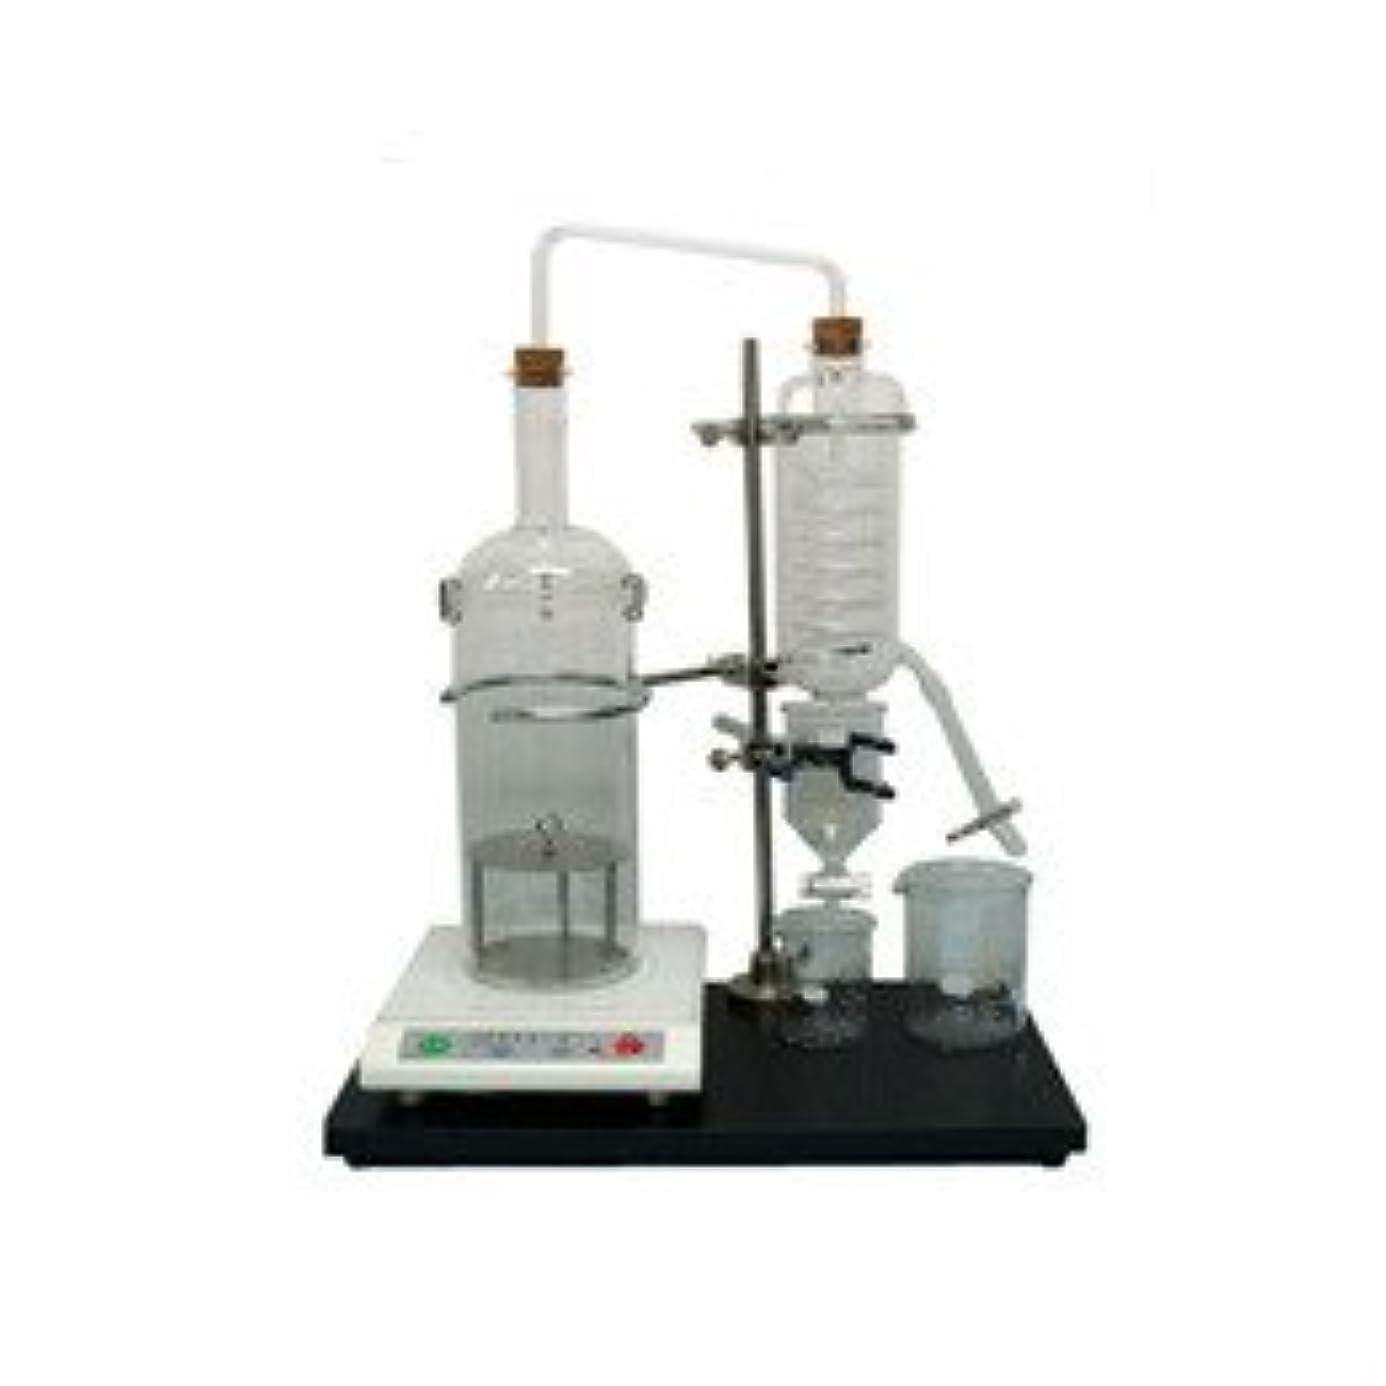 倒産送料安全性ハーブオイルメーカー (エッセンシャルオイル抽出器) スタンダードタイプ